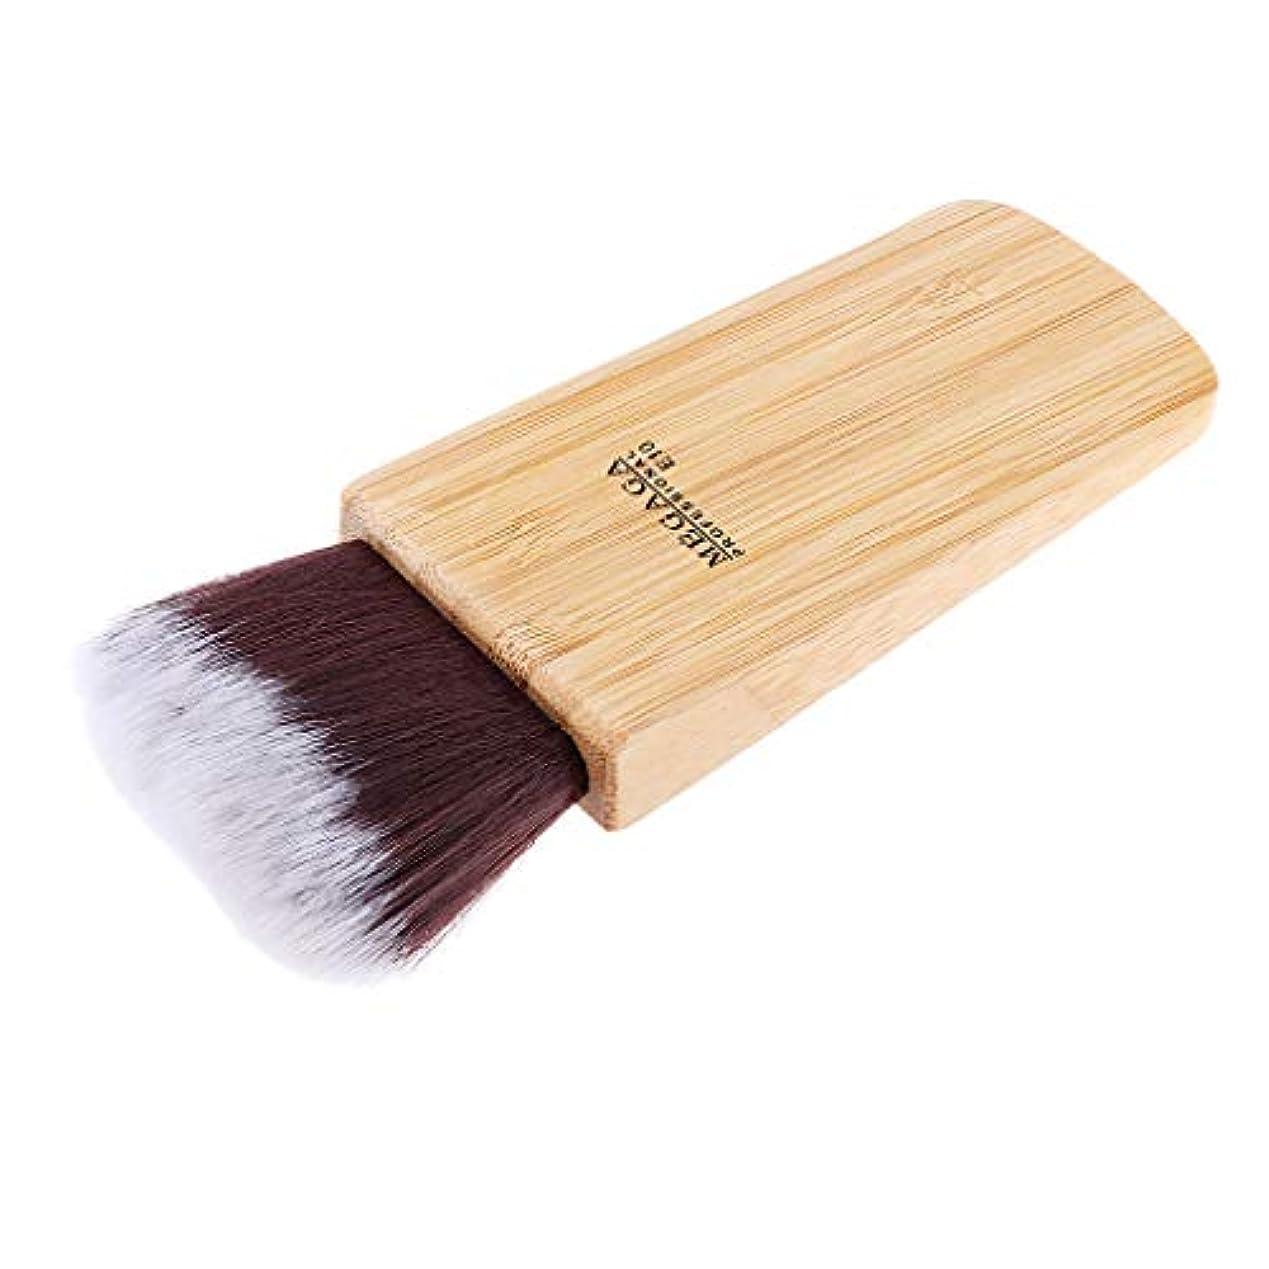 少なくとも合併症共和党SM SunniMix ネックダスターブラシ ヘアカット ネックブラシ ヘアブラシ メイクブラシ 理髪店 ツール